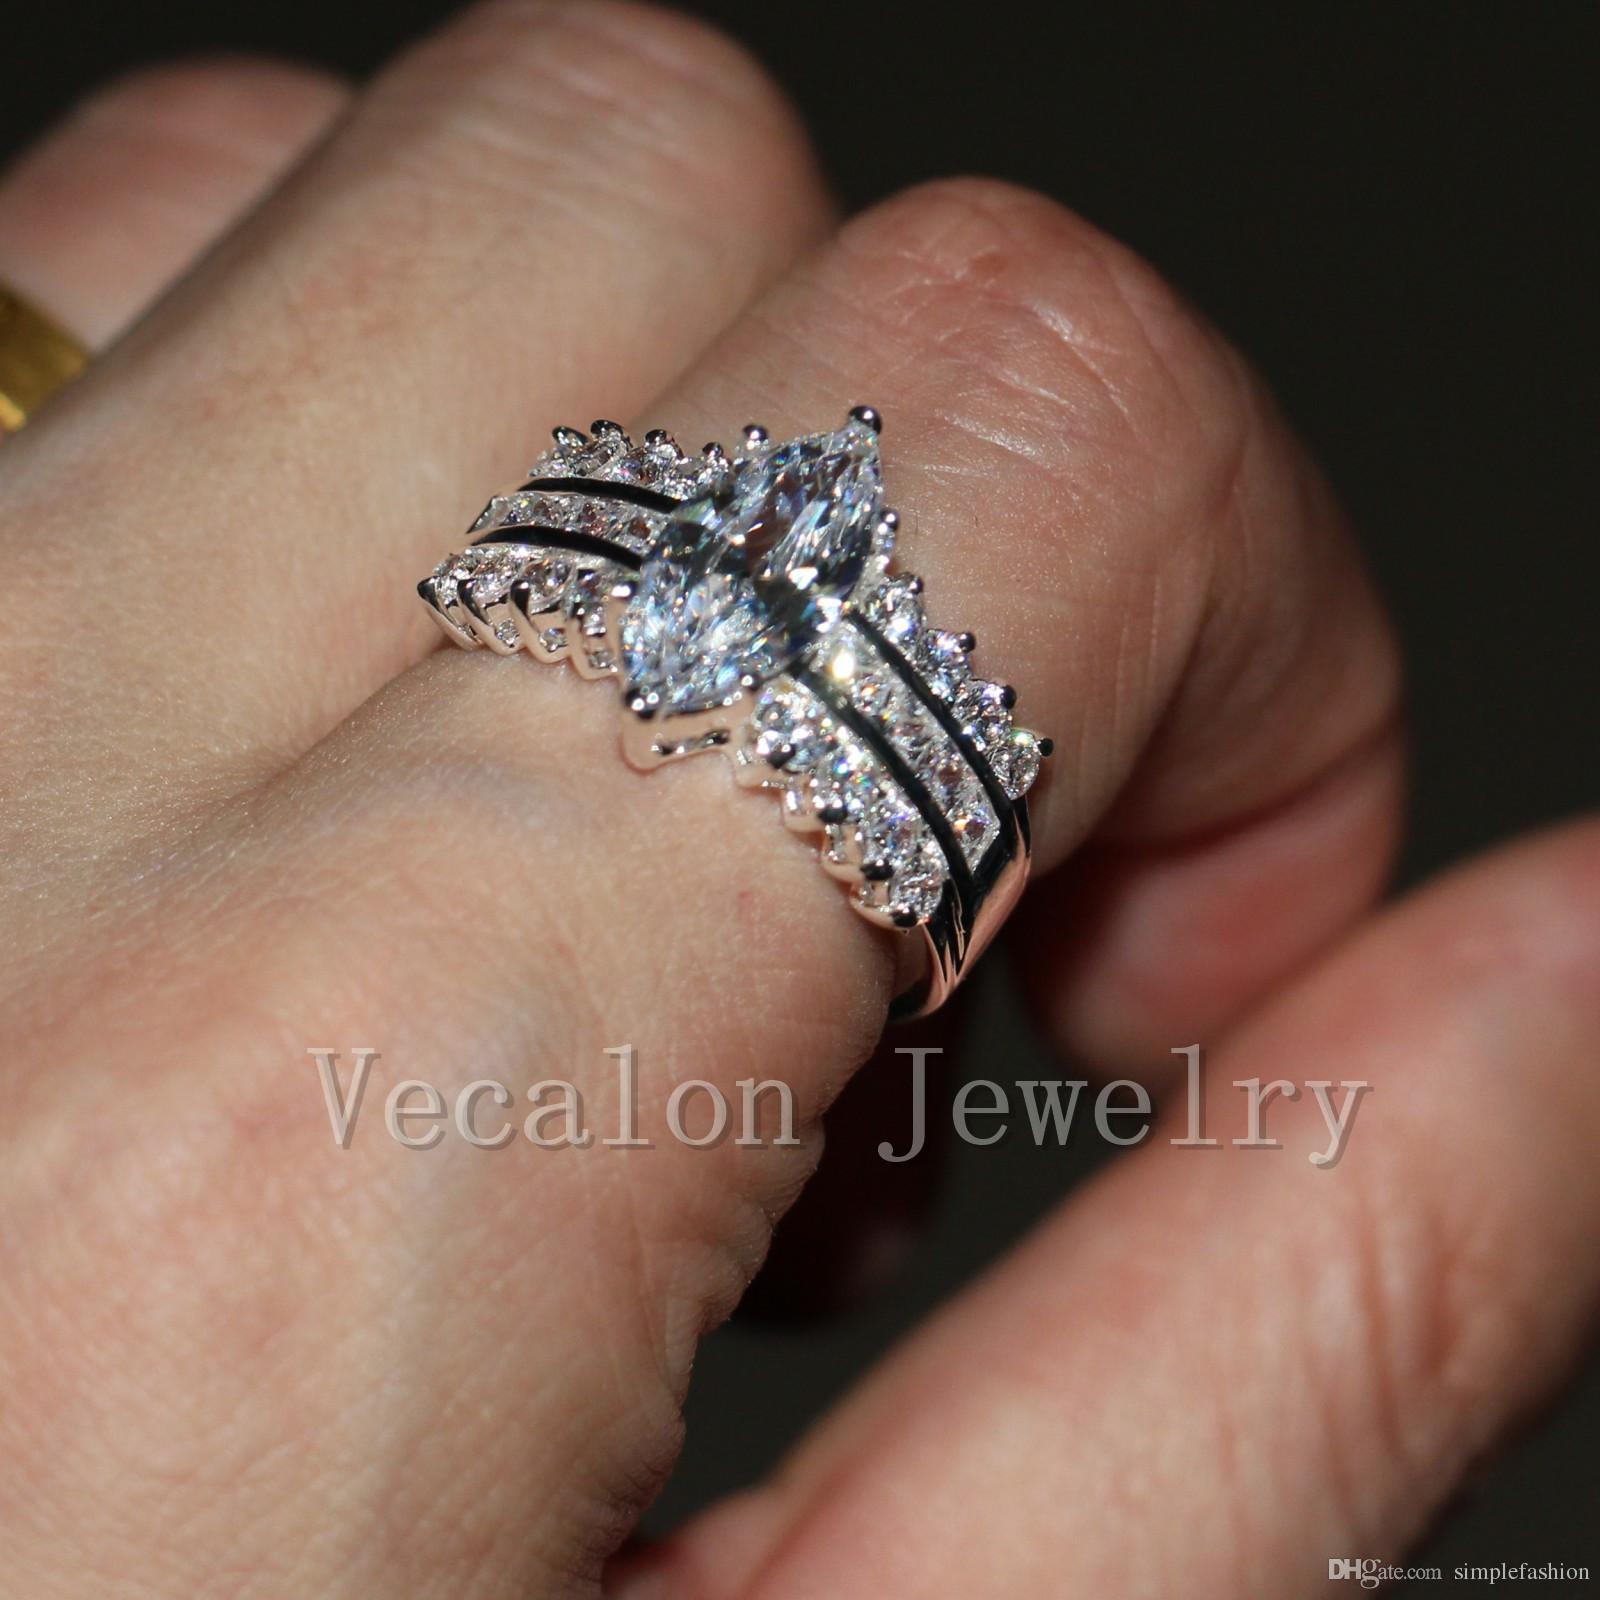 2016 패션 브랜드 수제 마키스 컷 5CT Cz를 시뮬레이션 다이아몬드 여성을위한 925 스털링 실버 약혼 밴드 결혼 반지 Vecalon